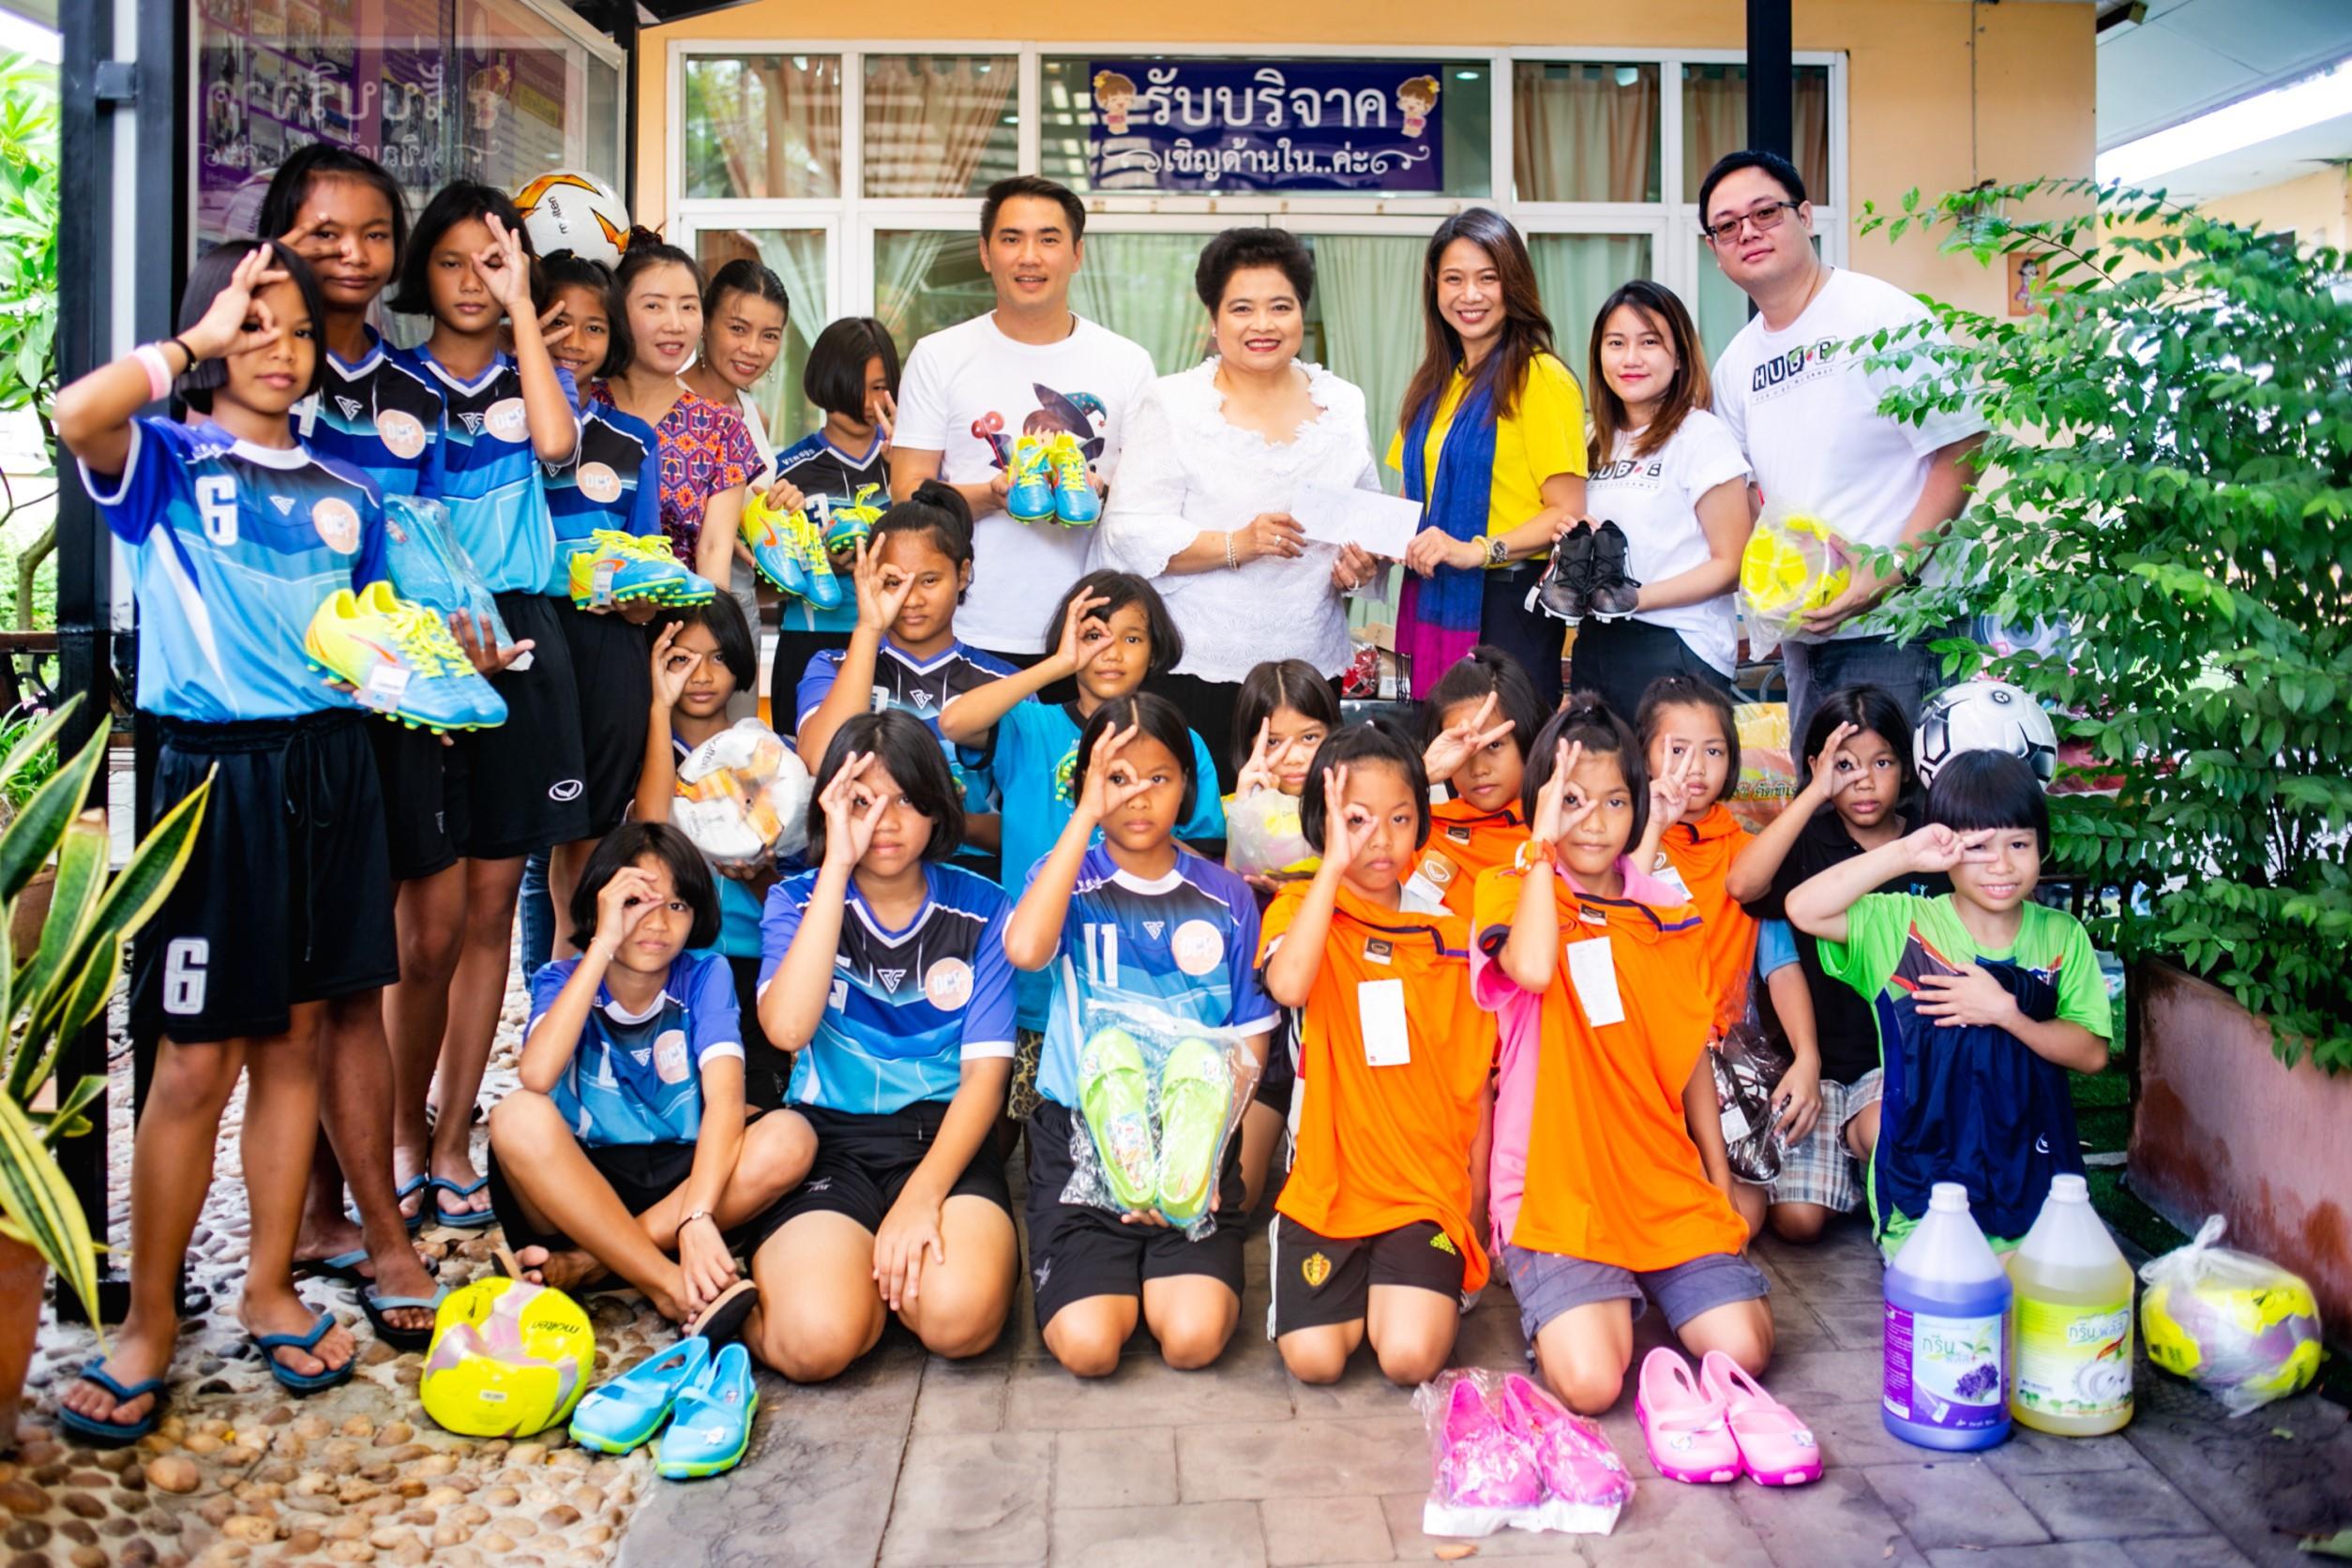 แพท- ชาน และกลุ่มเพื่อน สานต่อโครงการ แบ่งปันเพื่อน้อง มอบเงินและอุปกรณ์กีฬาแก่น้องๆ บ้านราชวิถี